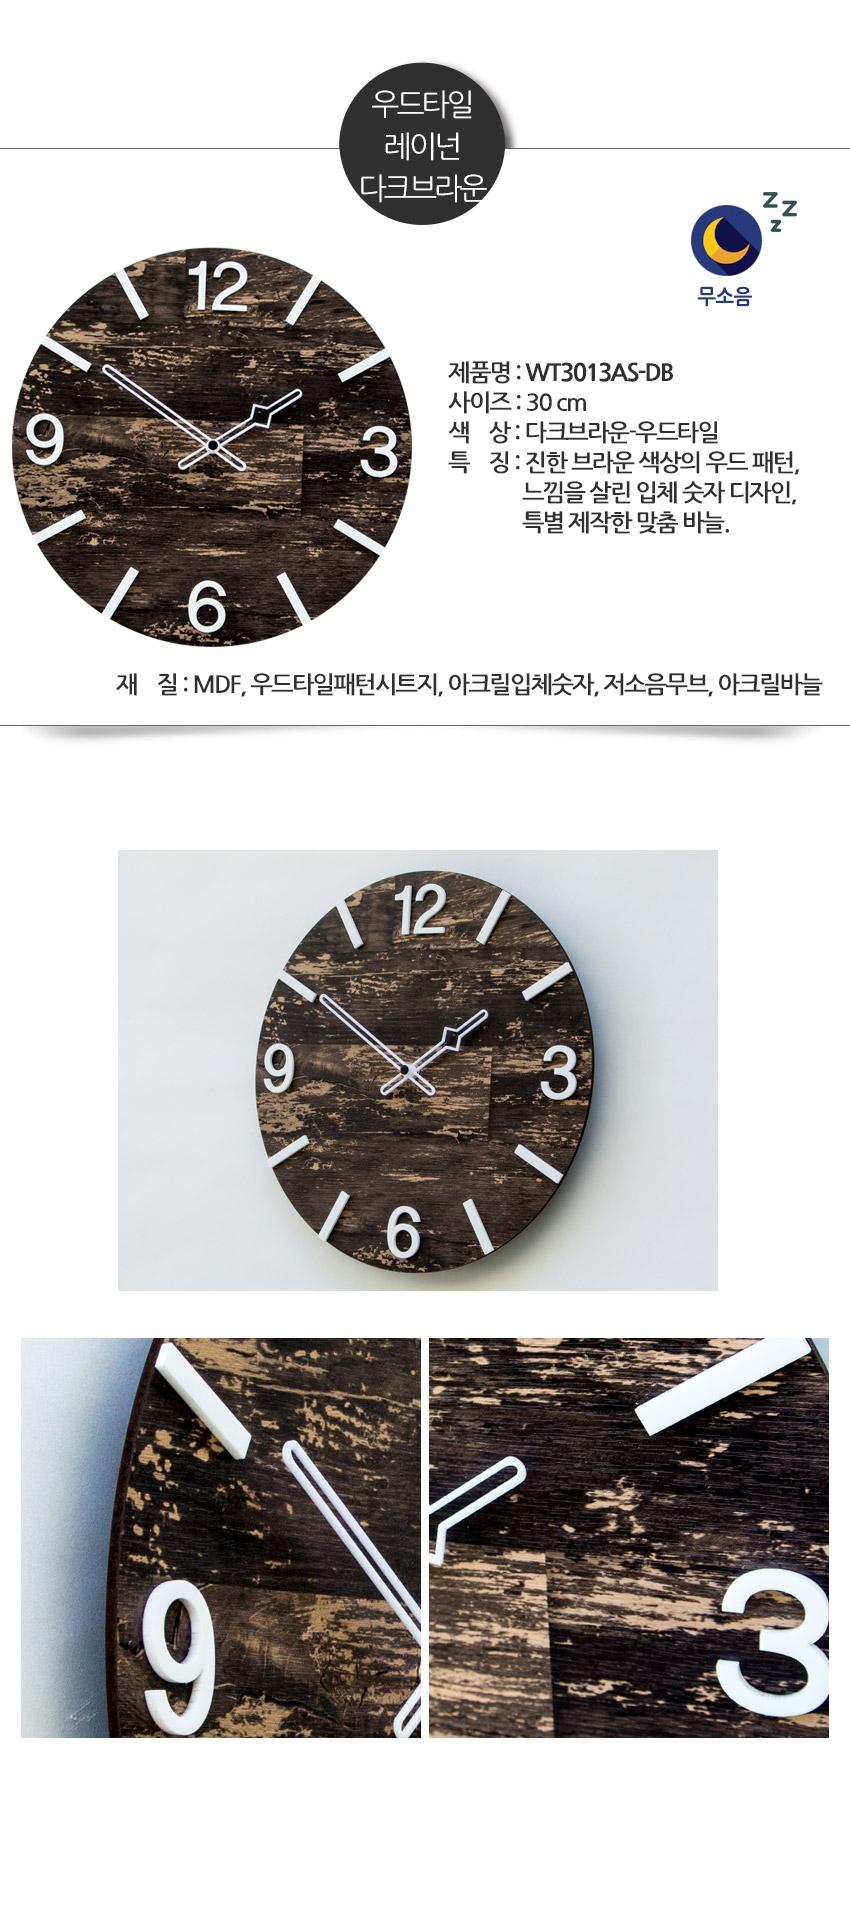 우드타일 레이넌 입체판시계 - 로얄데코, 28,000원, 벽시계, 디자인벽시계